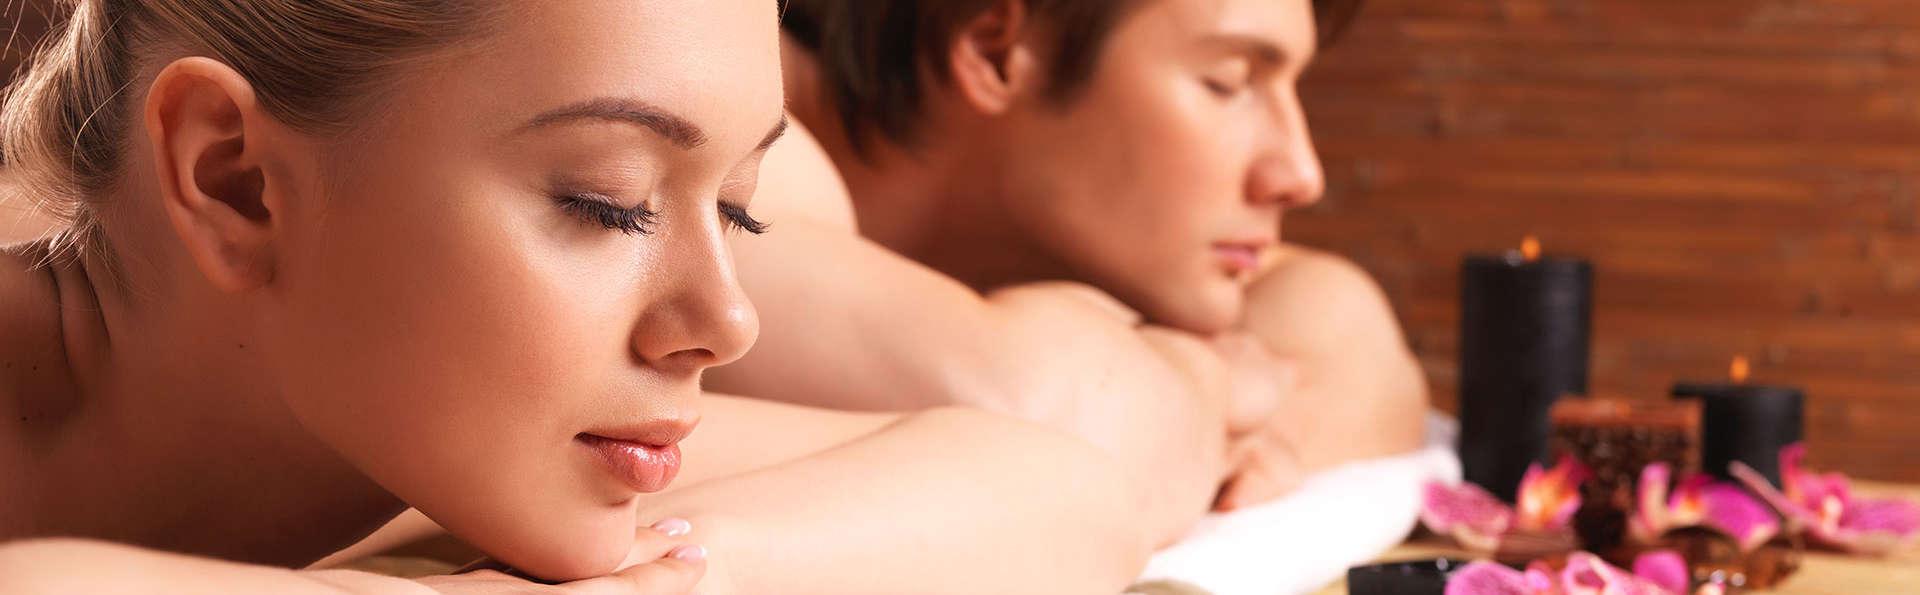 Séjour bien-être à Abano Terme, avec accès au spa et massage !